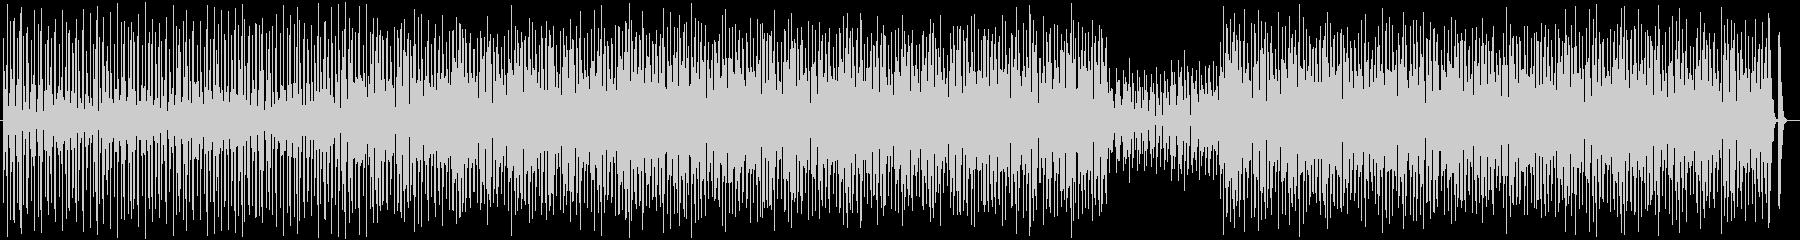 Cute, nimble, happy, ukulele, whistling's unreproduced waveform